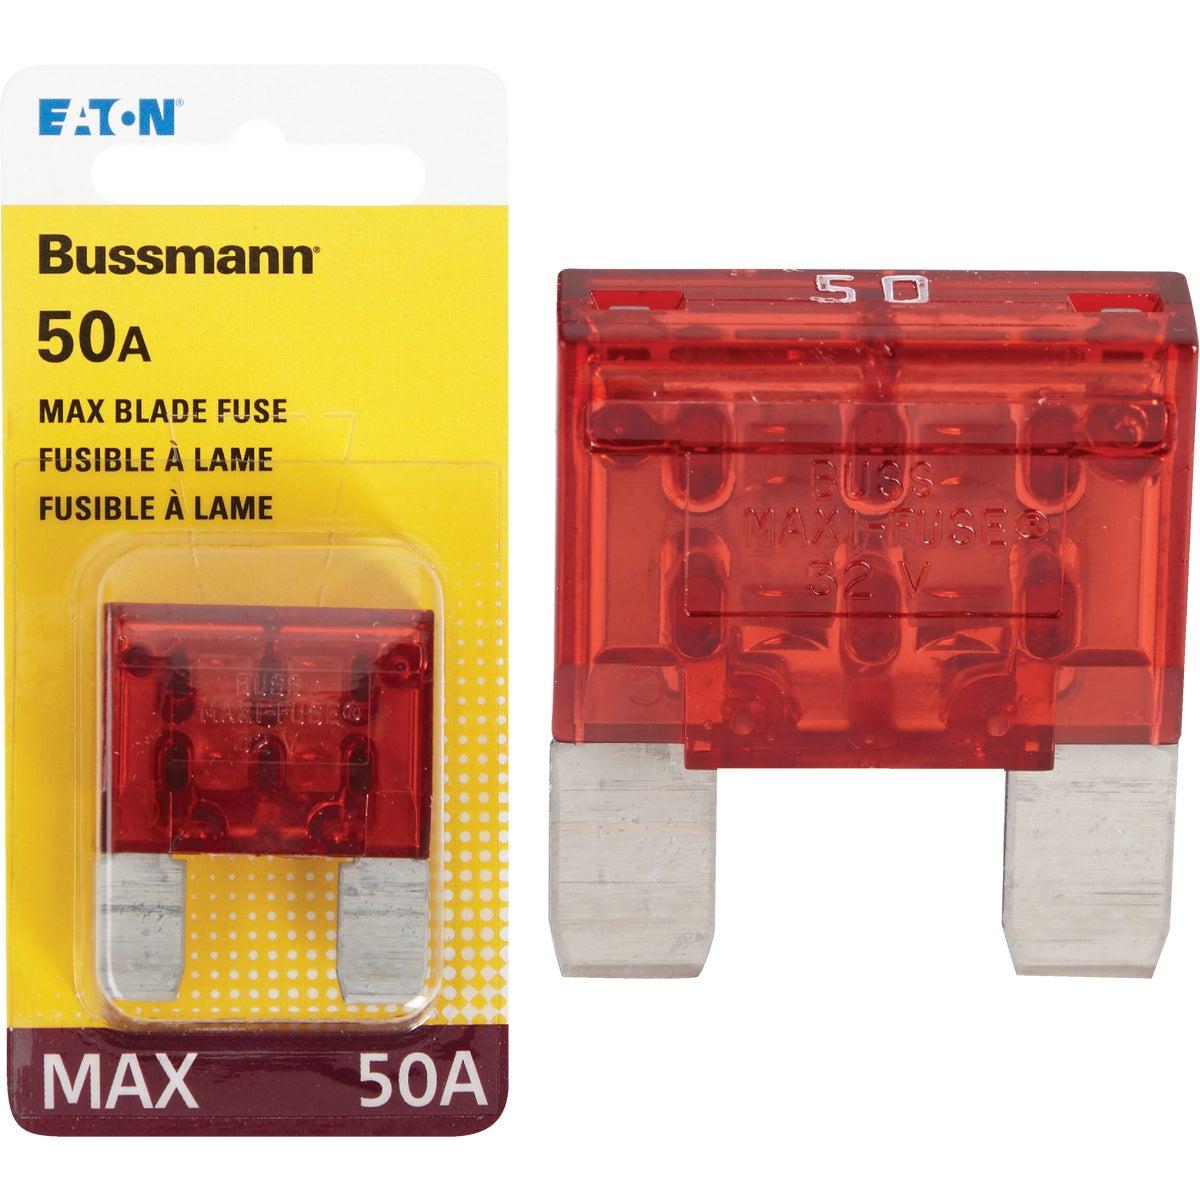 50AMP MAXI FUSE - BP/MAX-50-RP by Bussmann Cooper